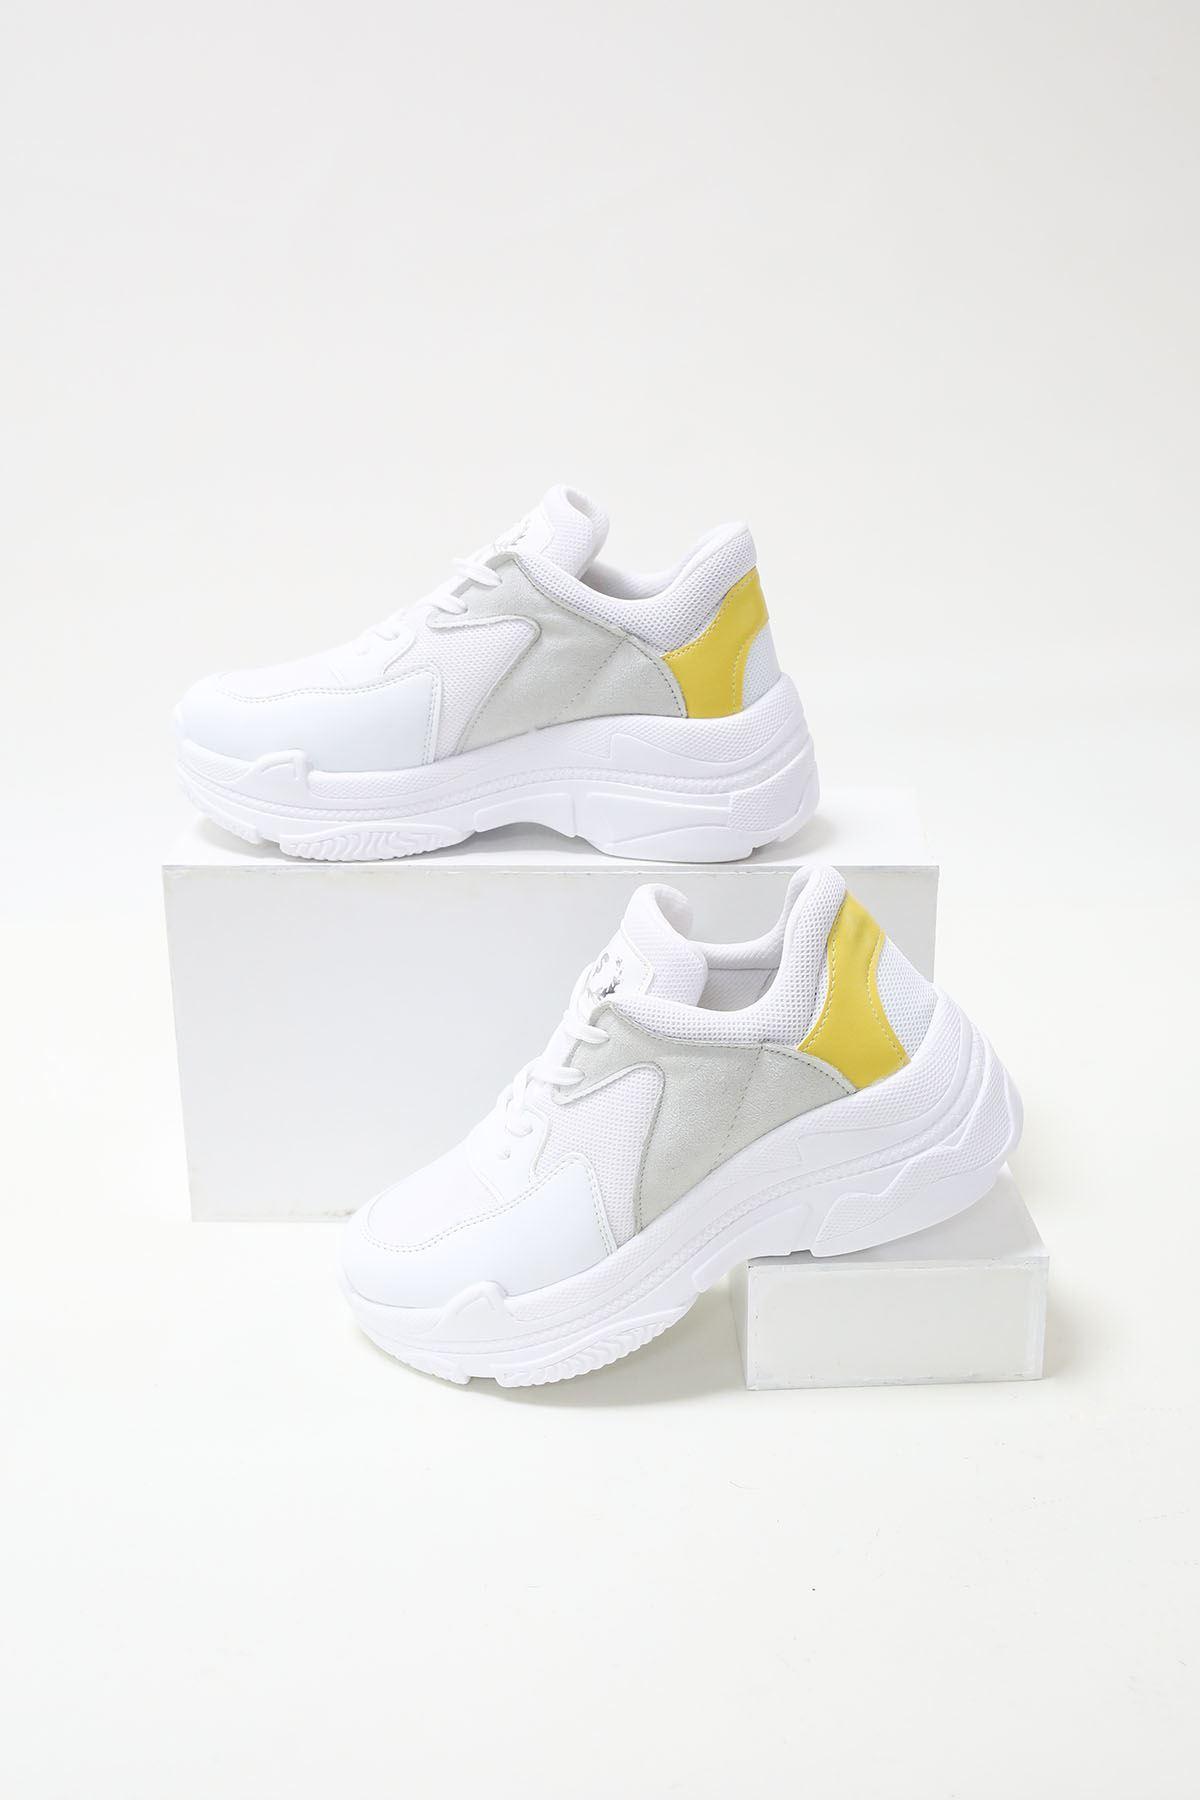 Loic Sarı Garnili Beyaz Spor Ayakkabı